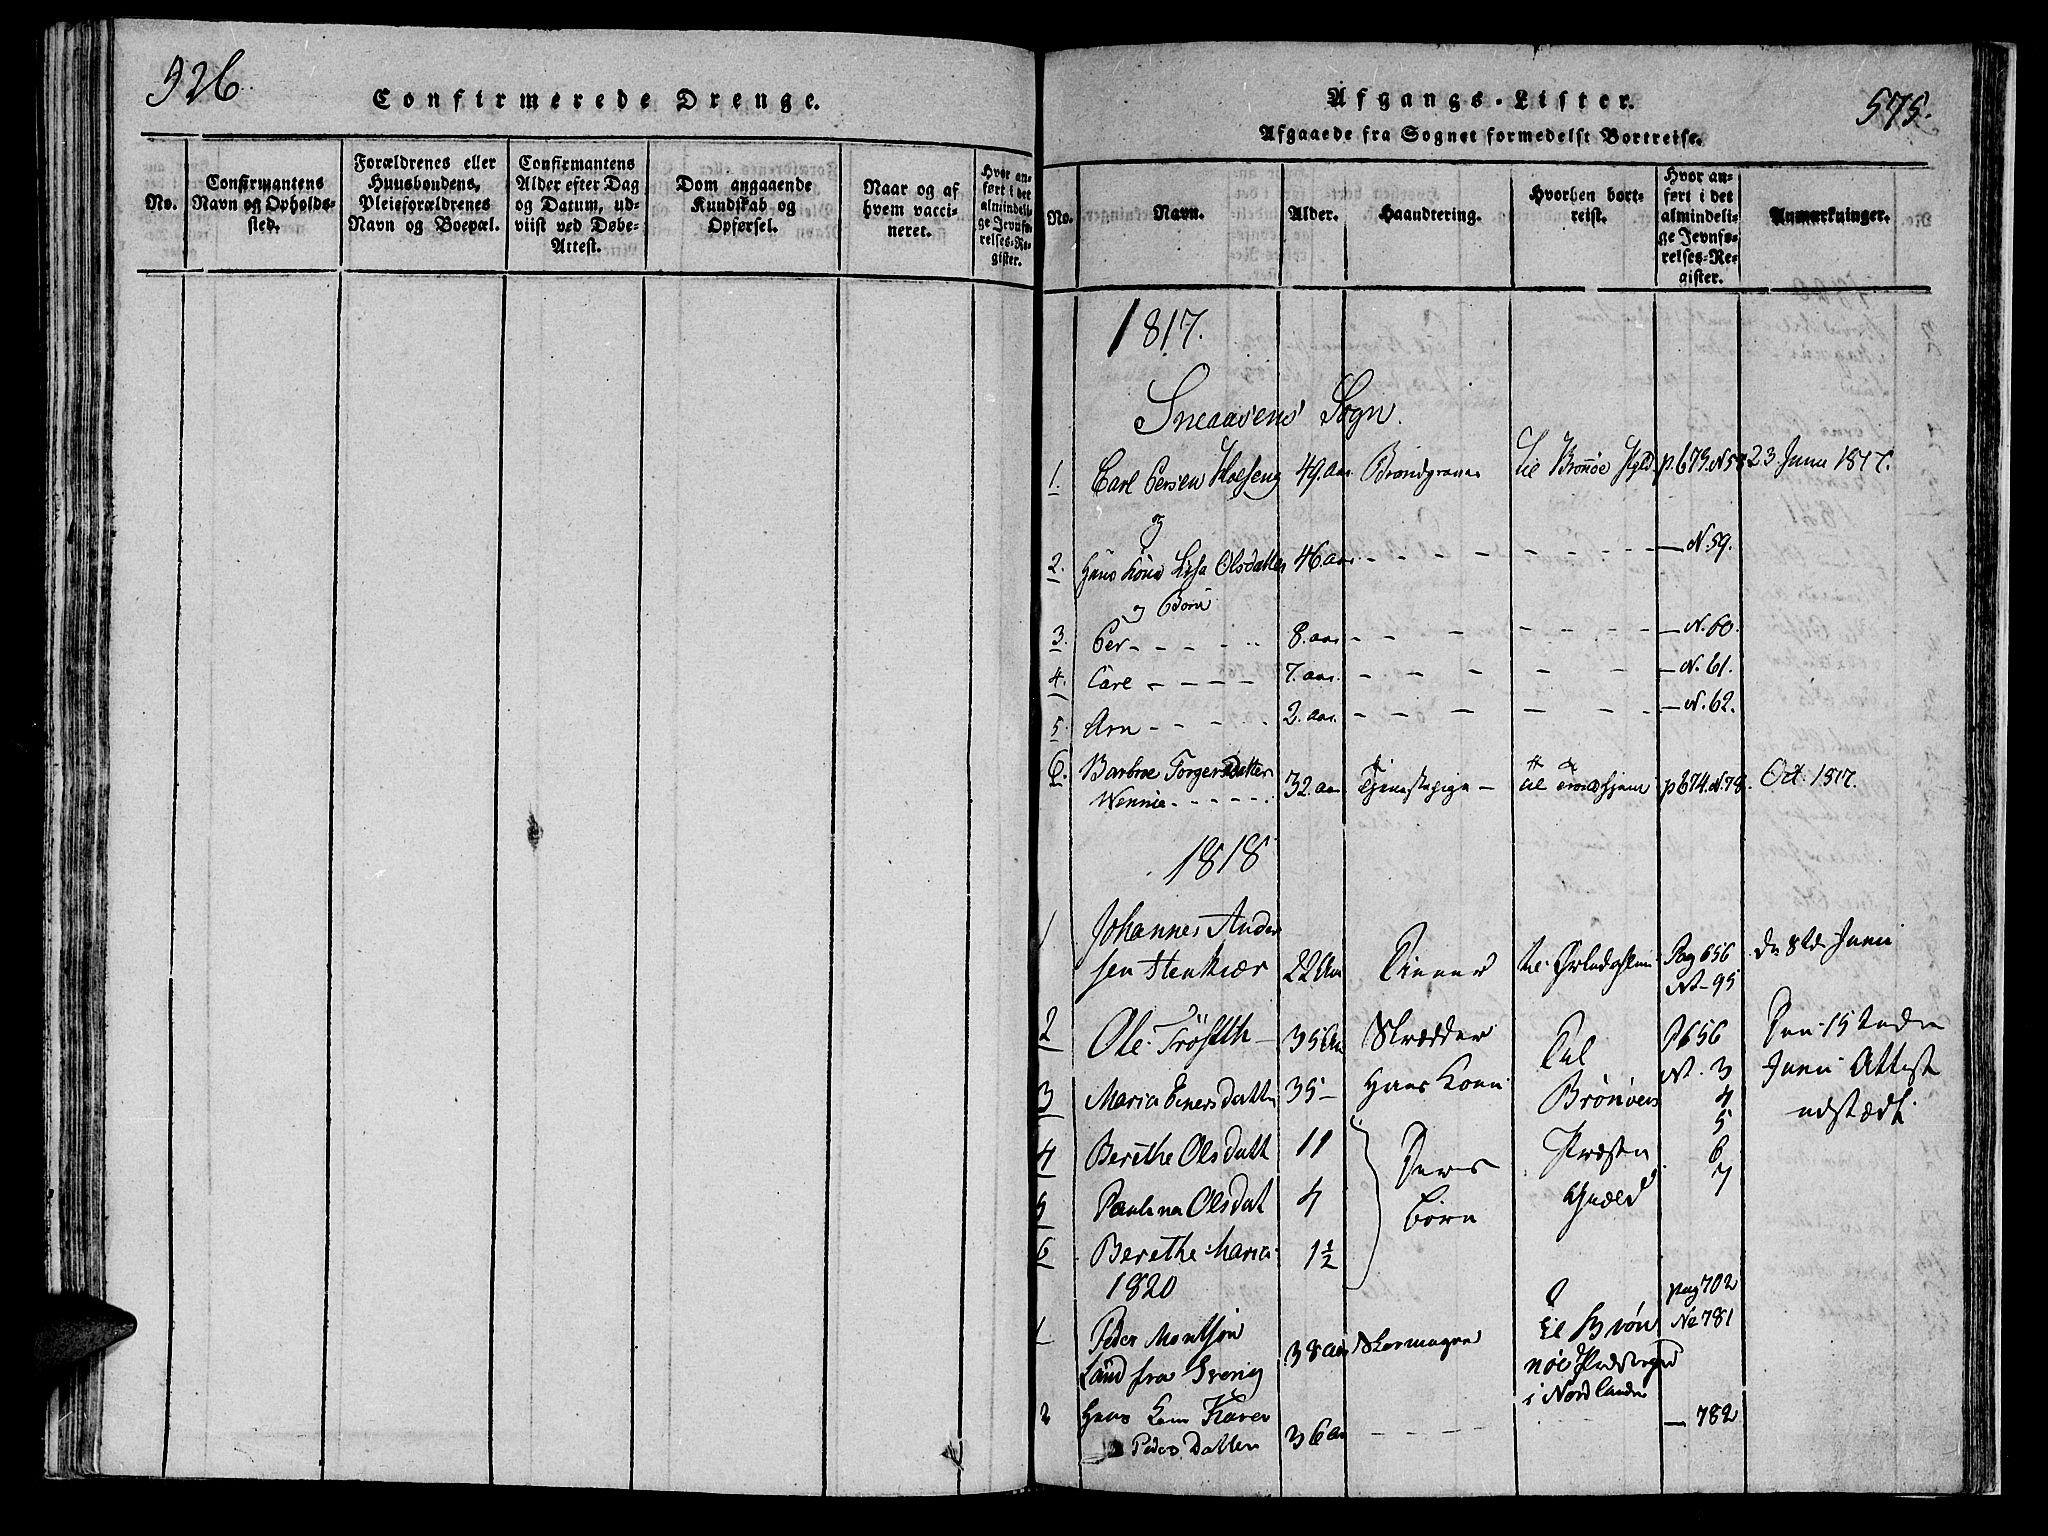 SAT, Ministerialprotokoller, klokkerbøker og fødselsregistre - Nord-Trøndelag, 749/L0479: Klokkerbok nr. 749C01, 1817-1829, s. 526-575